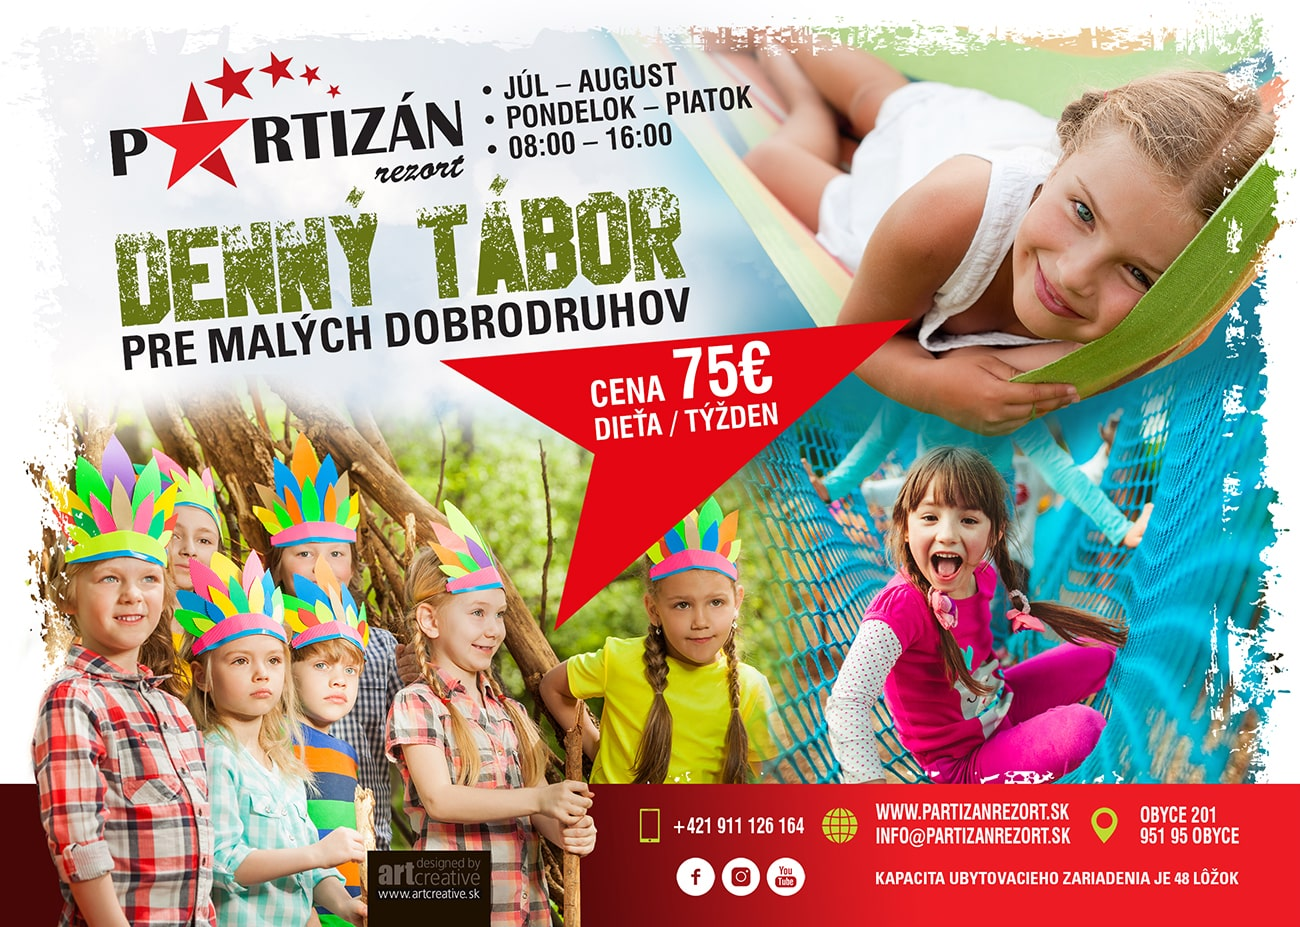 denny_tabor_2019_A5-min